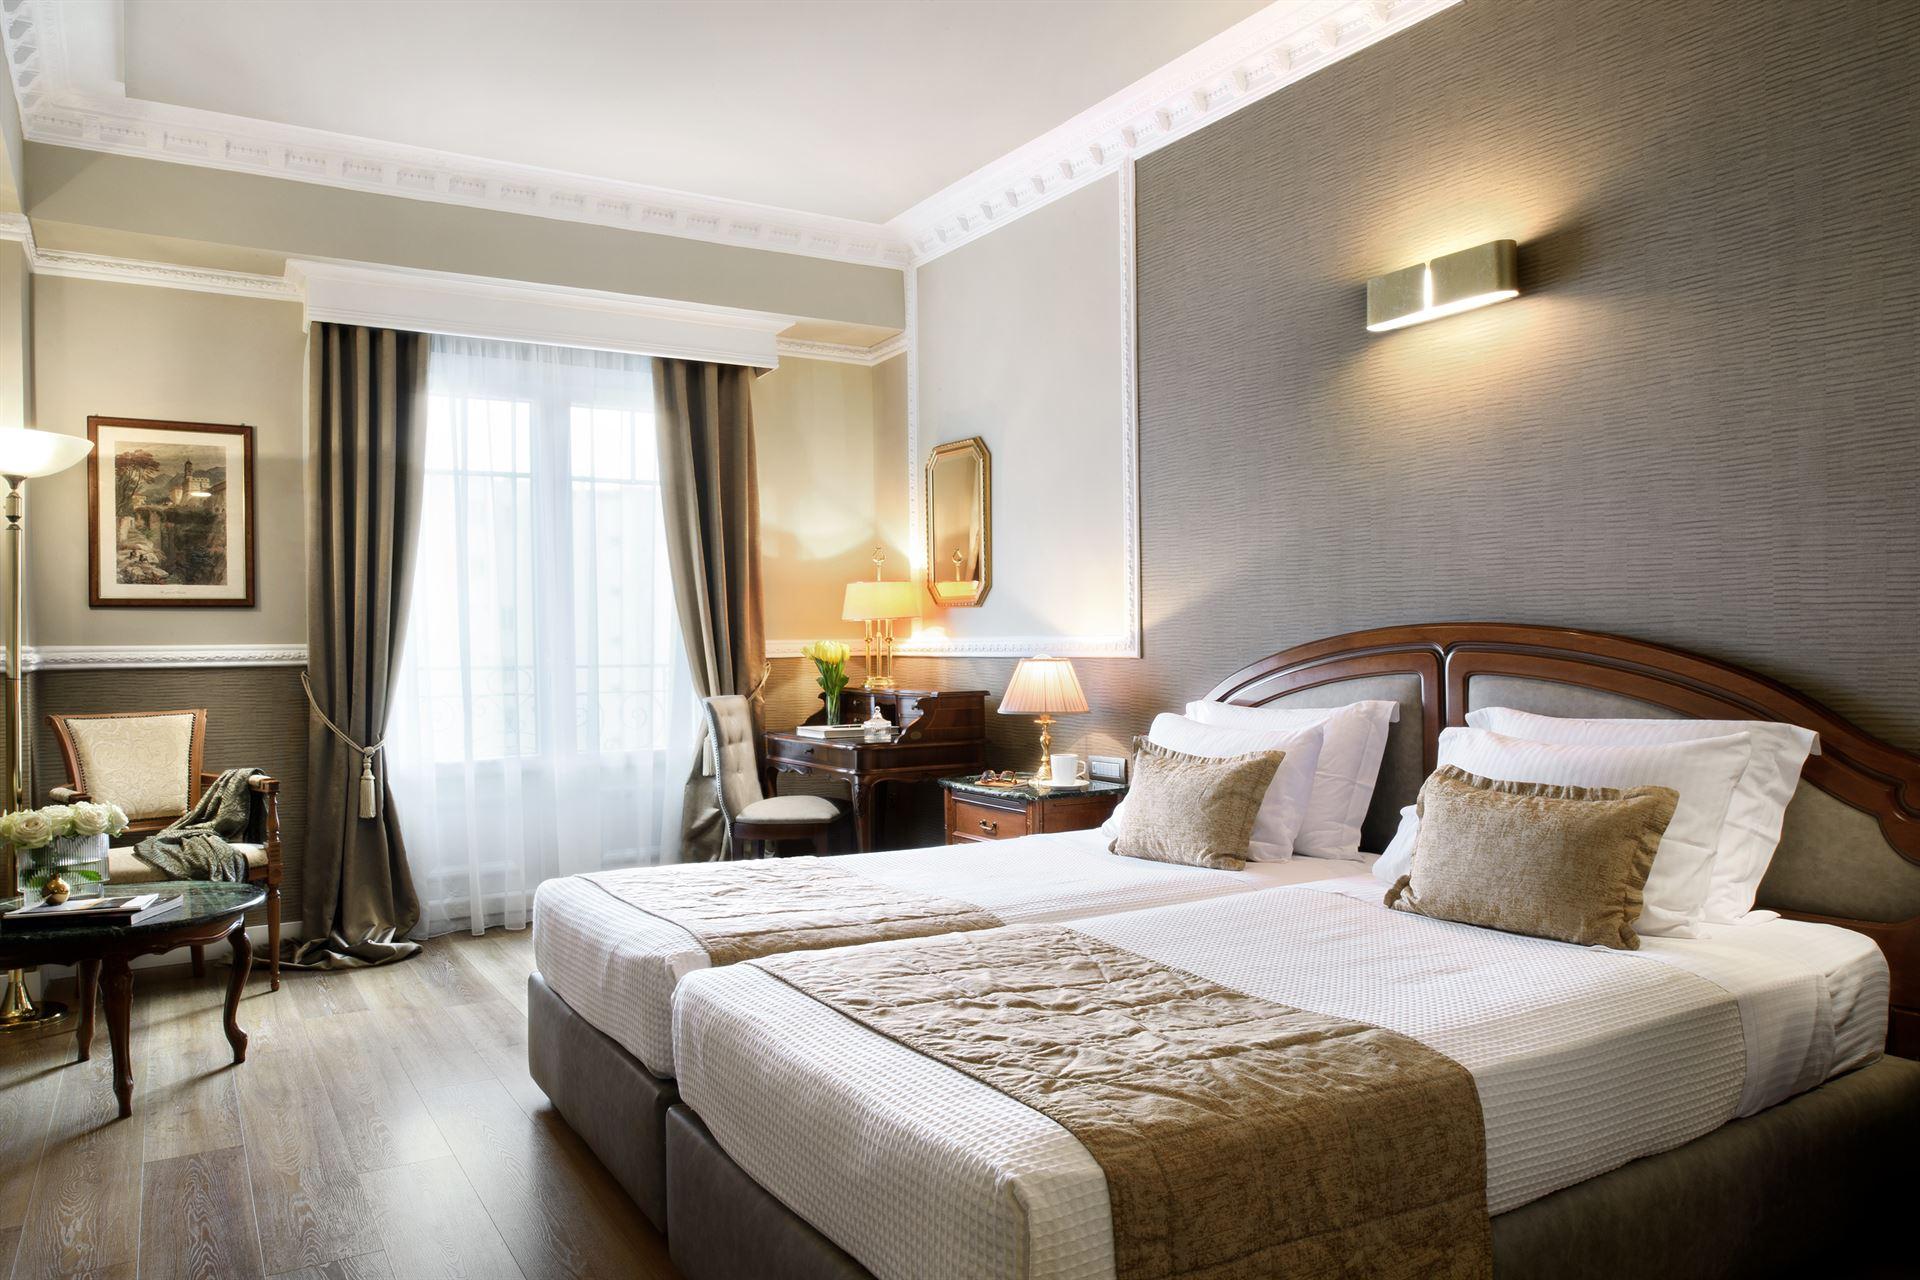 Mediterranean Palace Hotel: Premium Room